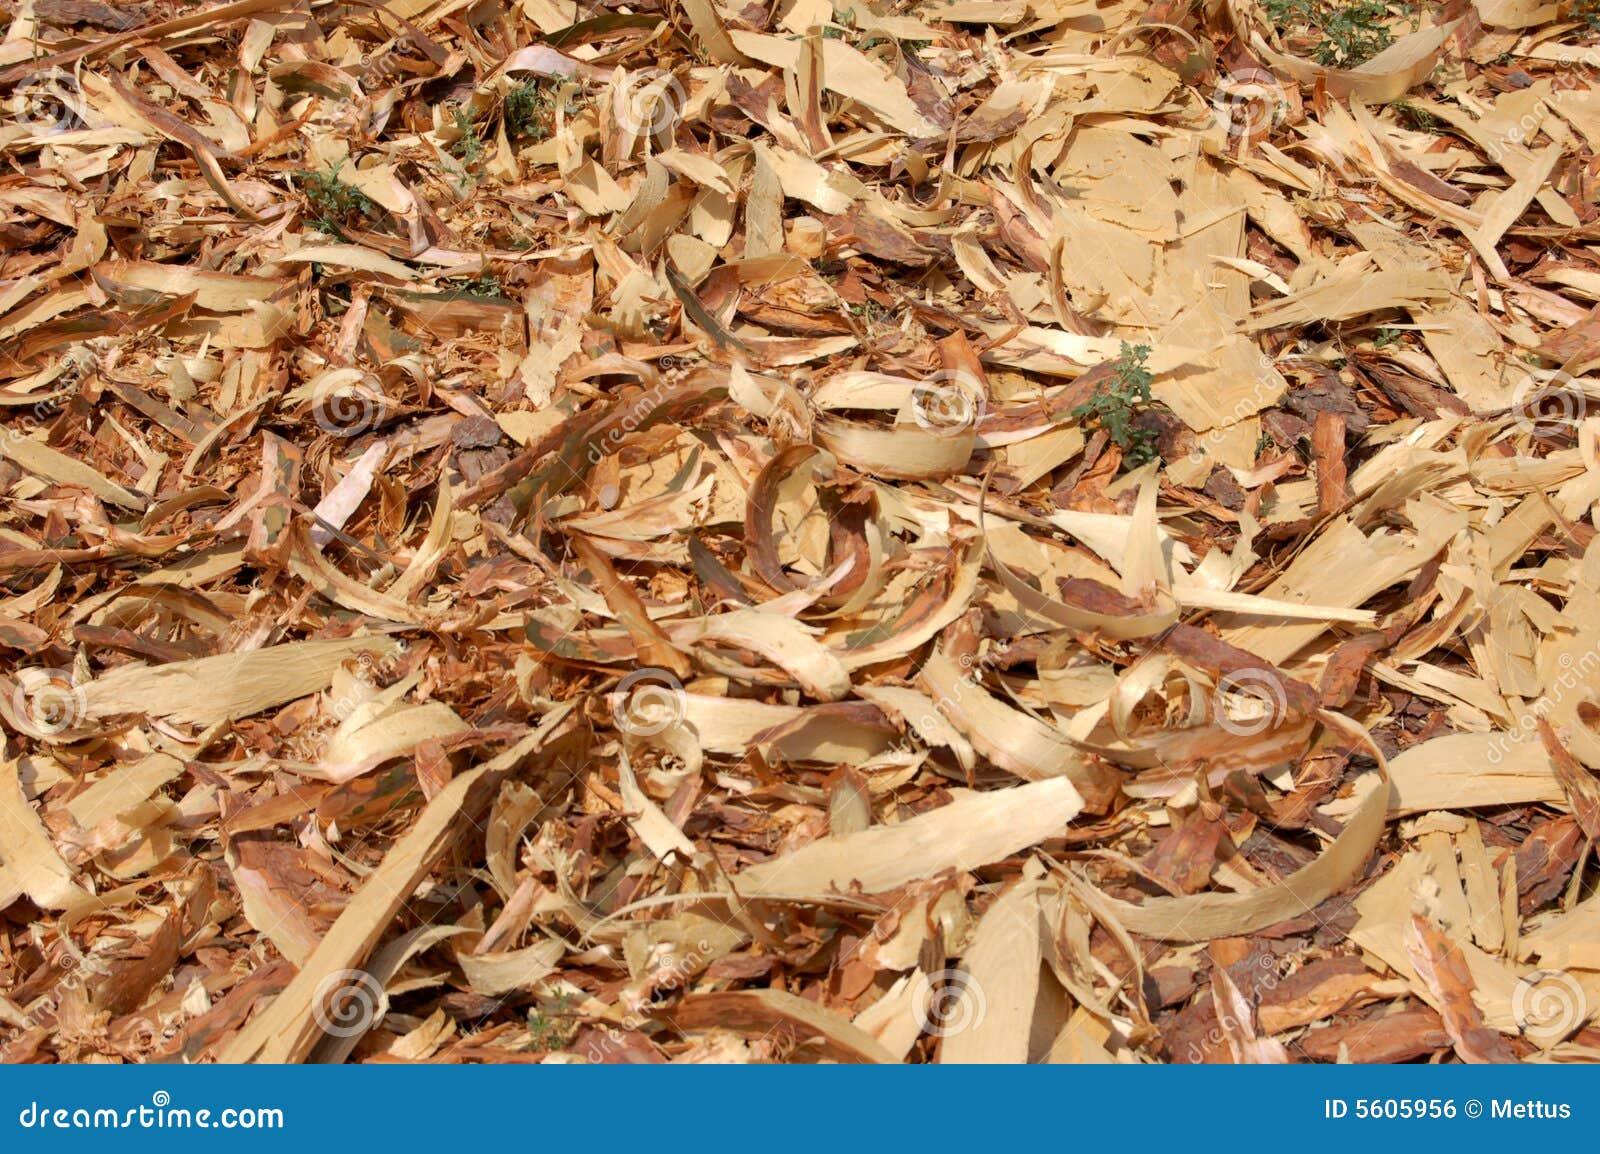 copeaux en bois photo stock image du ch ne menuiserie 5605956. Black Bedroom Furniture Sets. Home Design Ideas